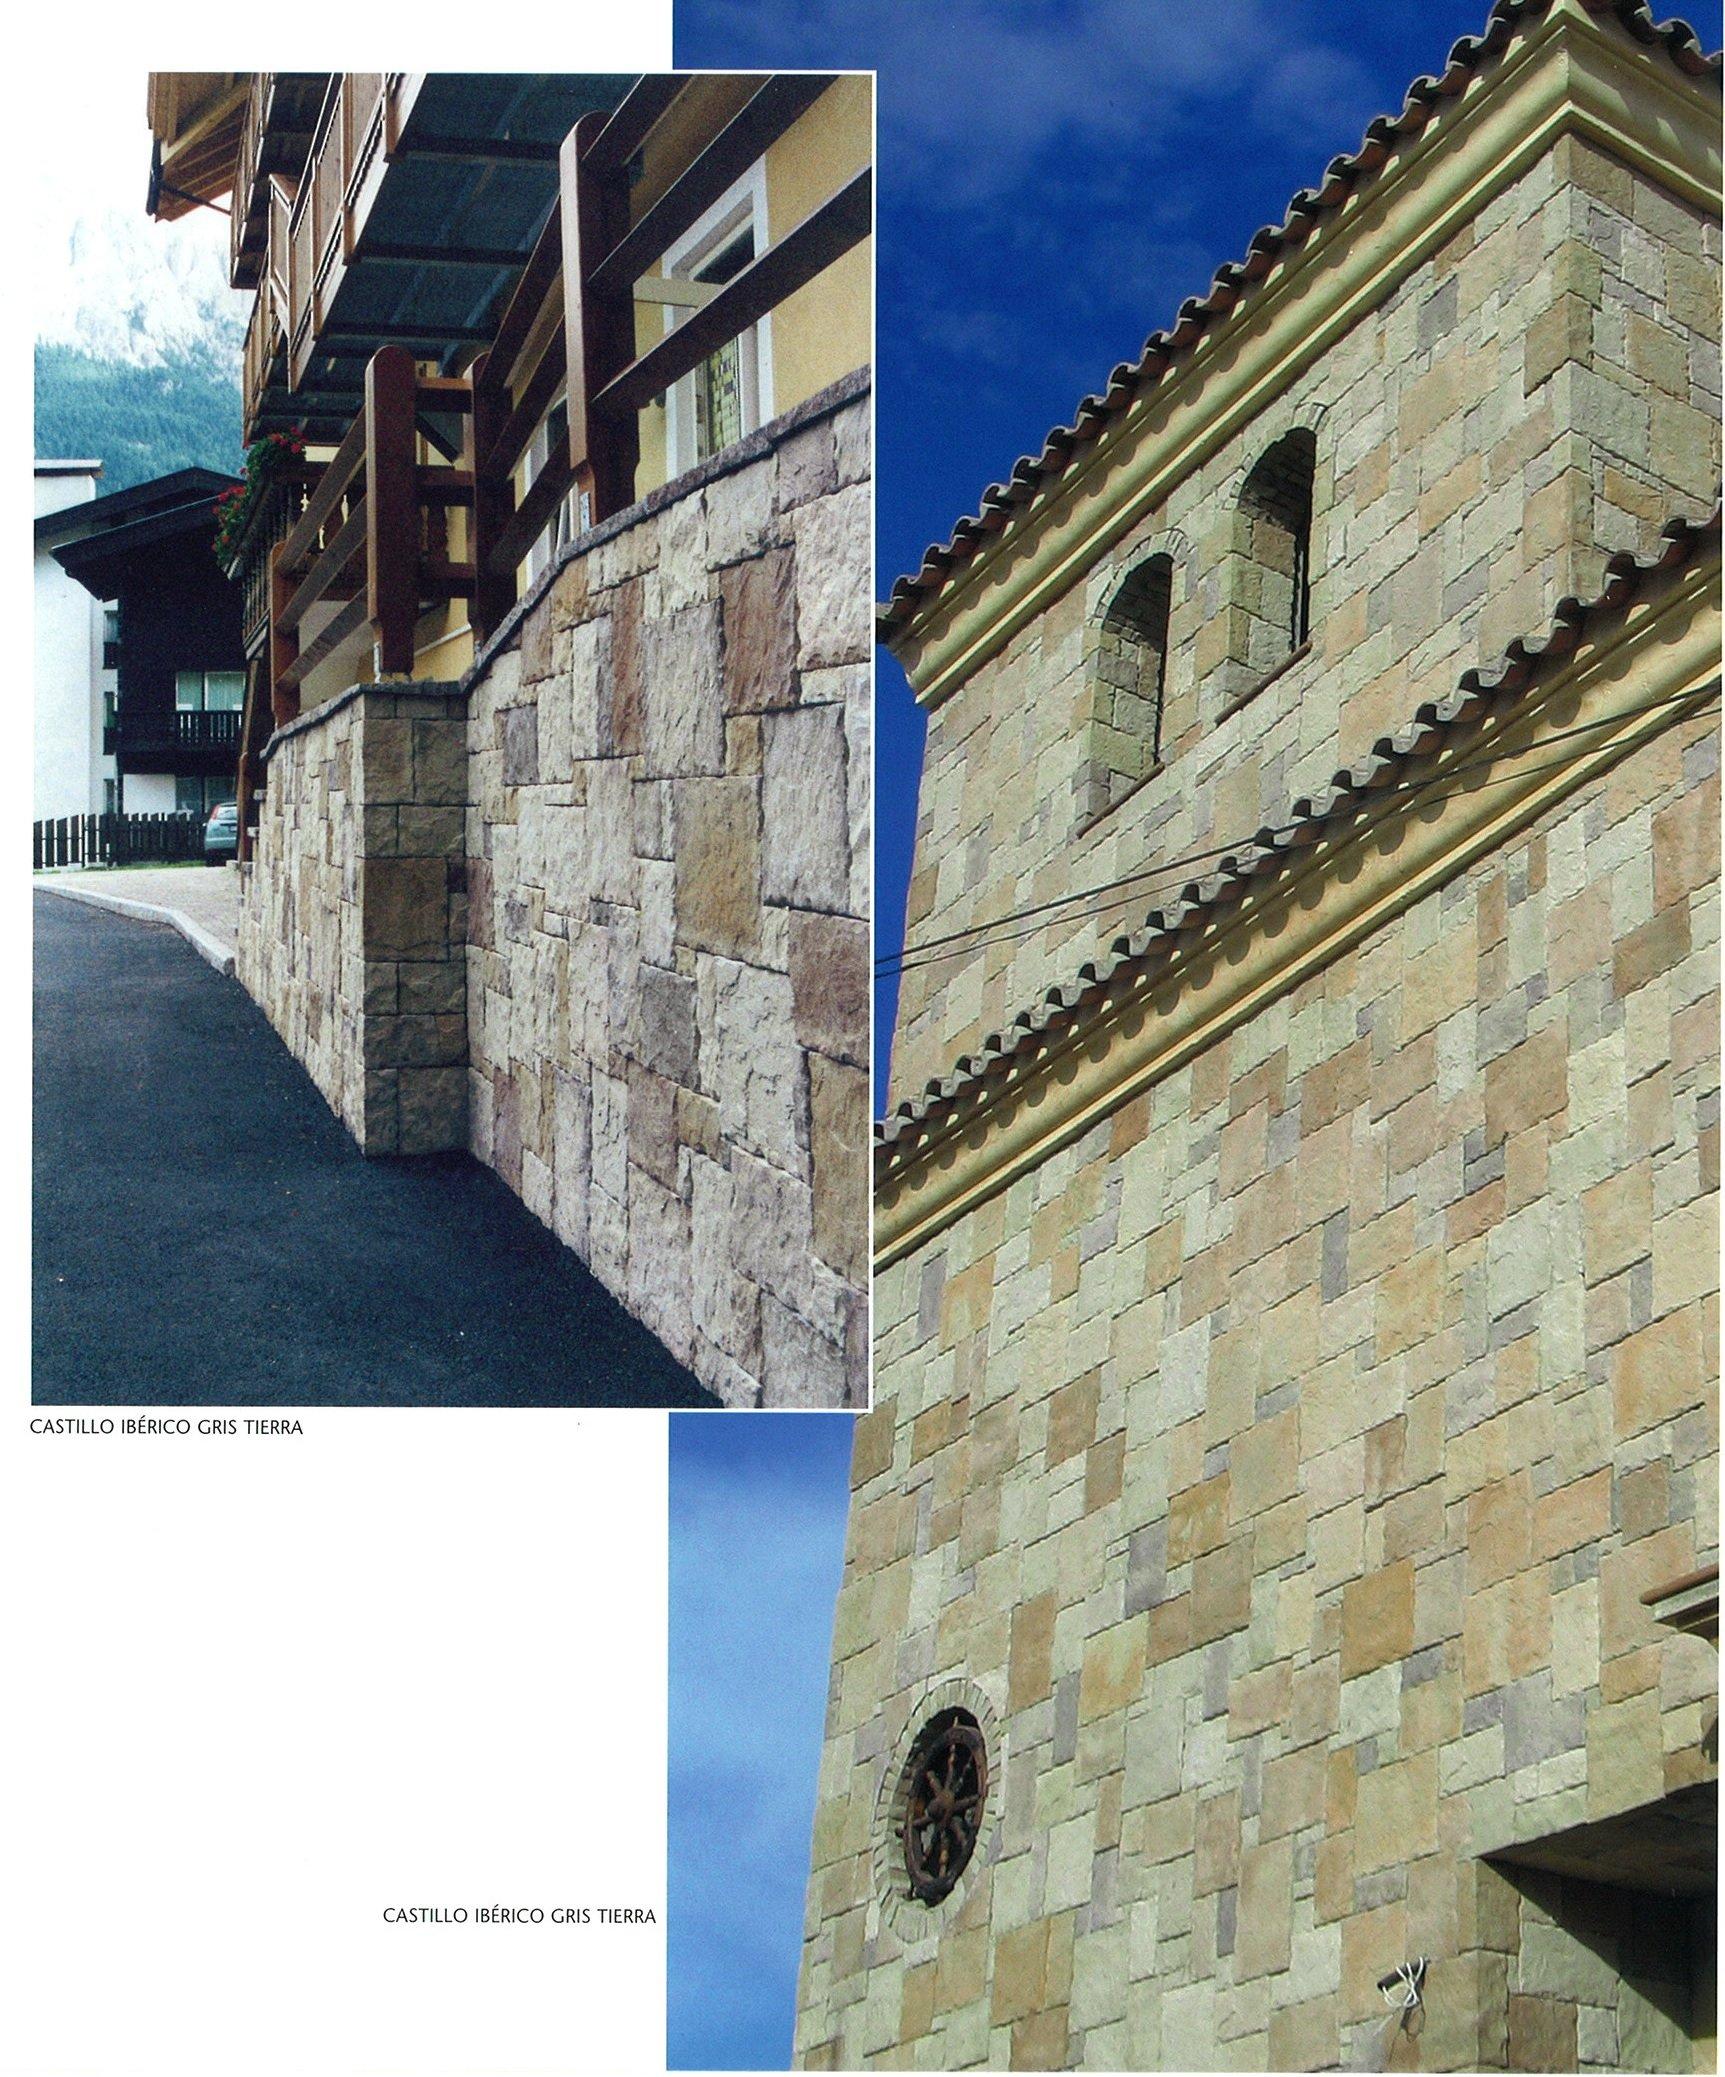 piedra cultivada castillo iberico gris tierra